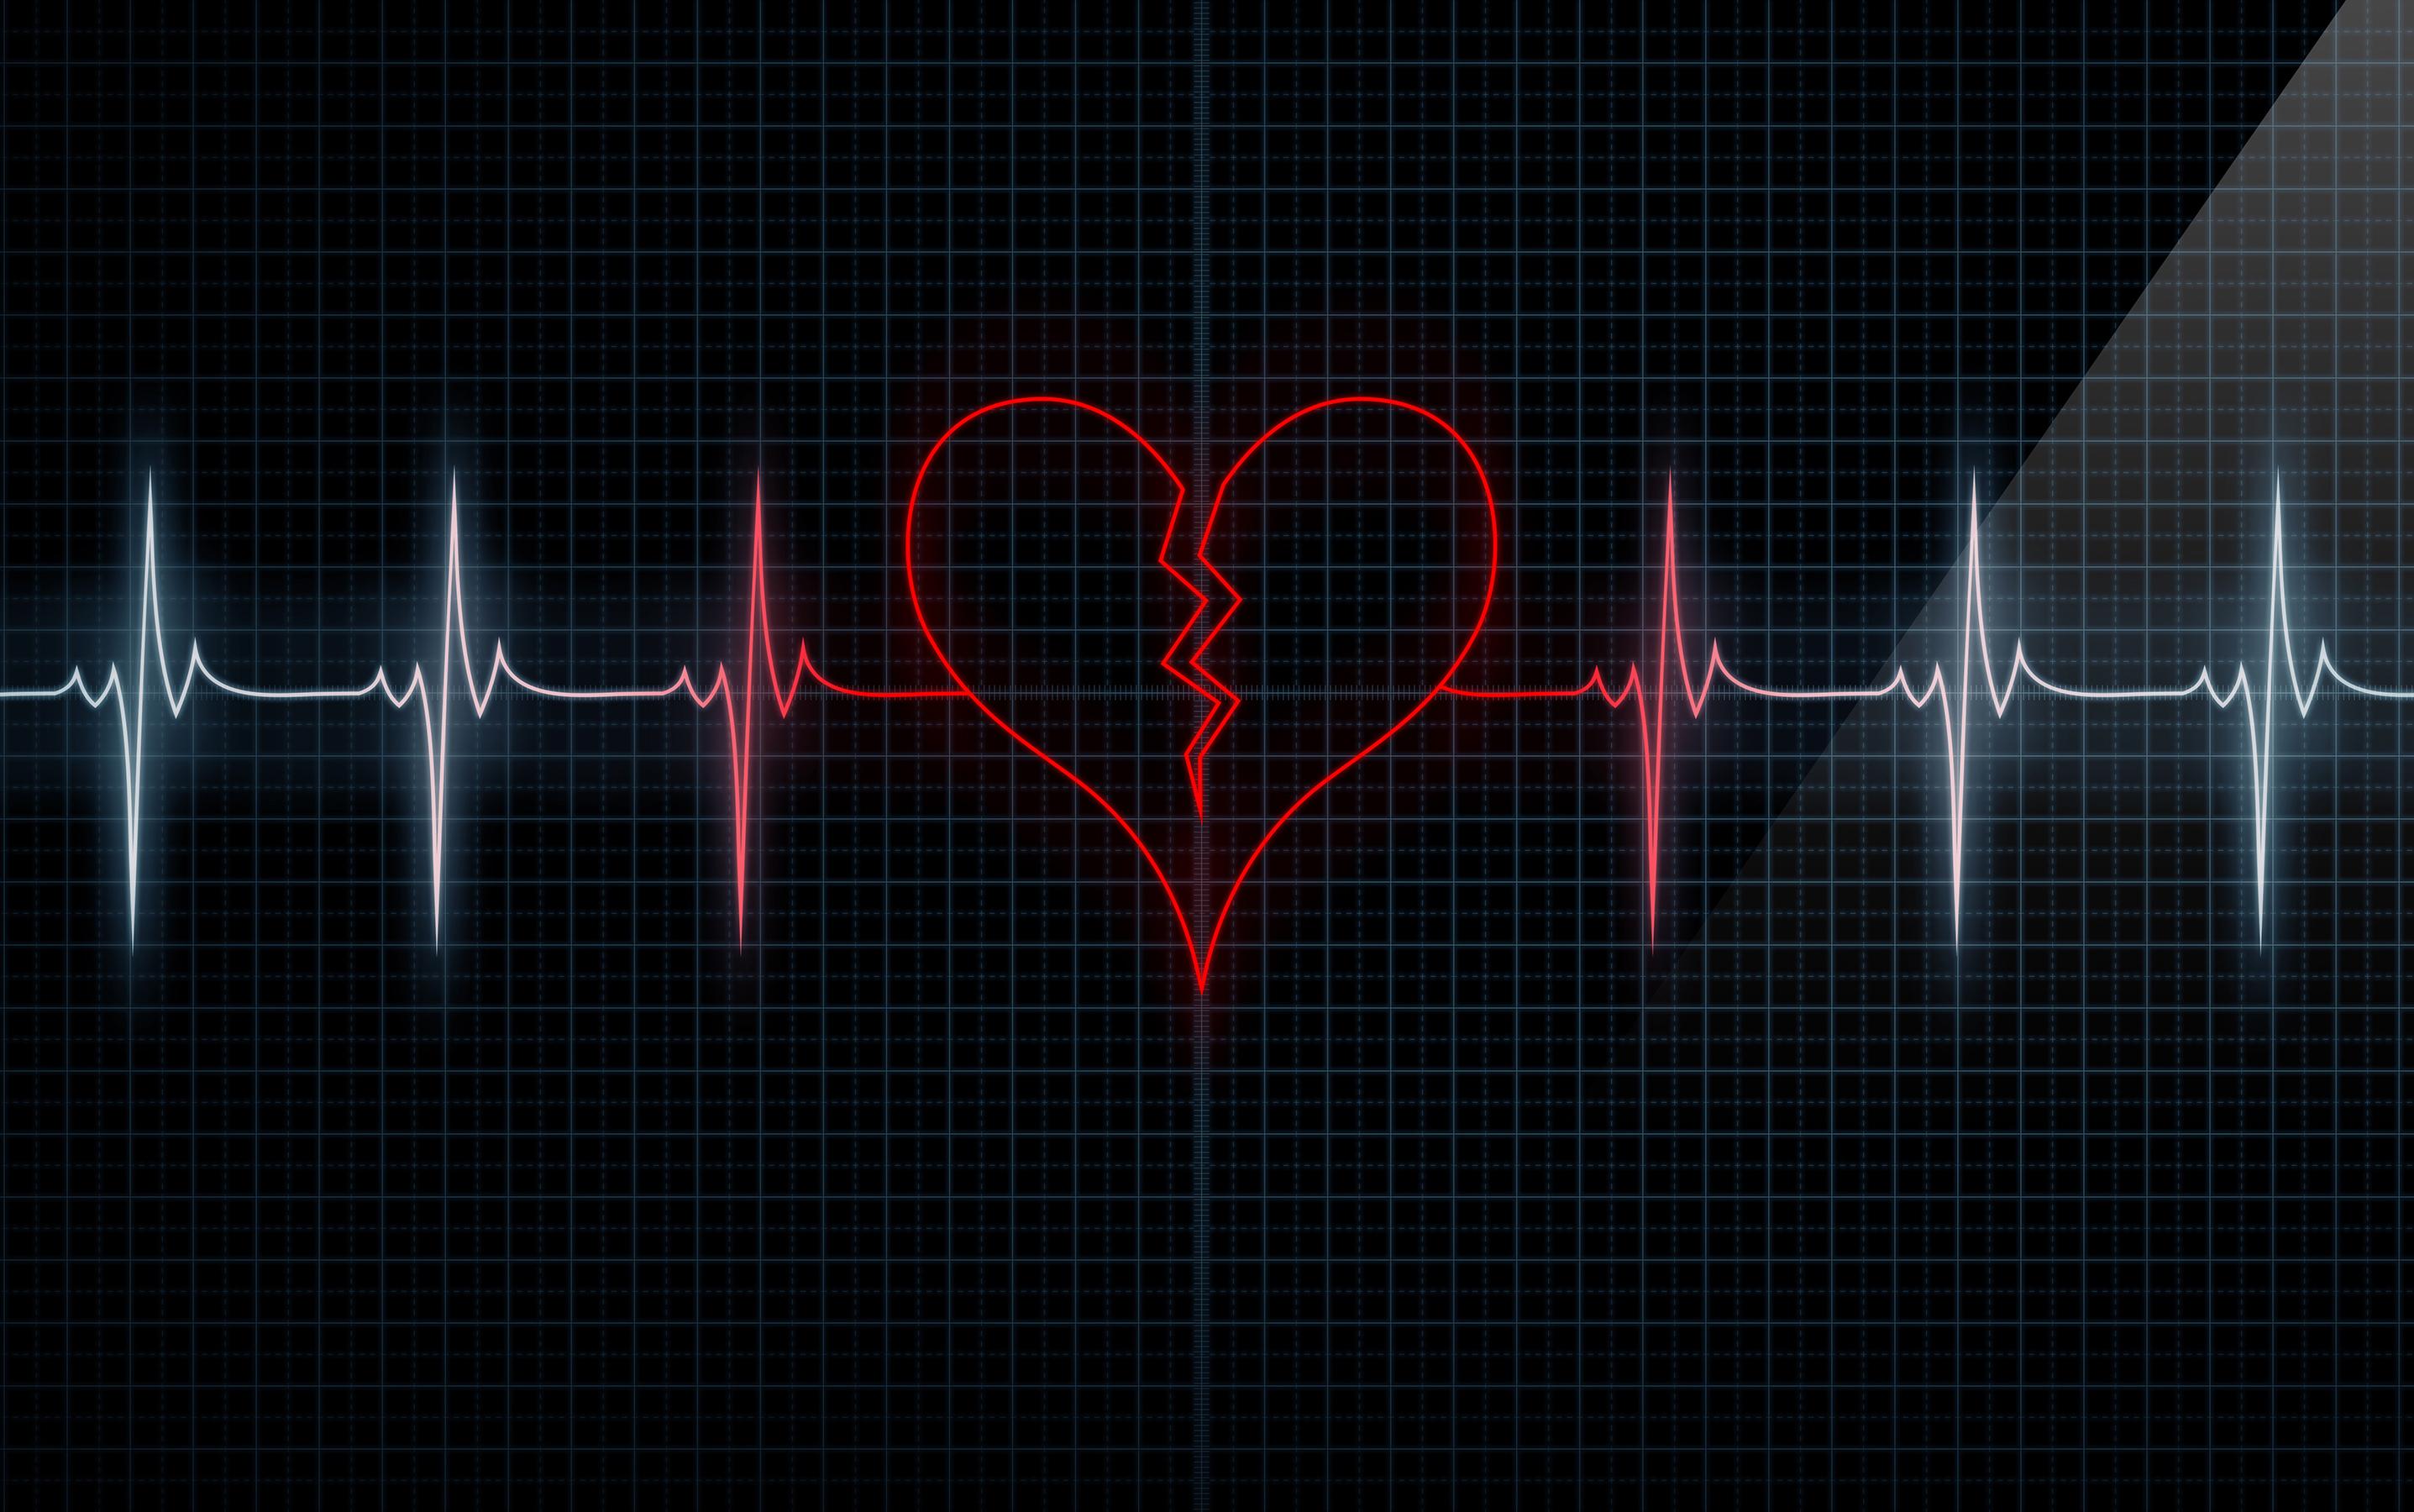 картинки ритм сердца на черном фоне